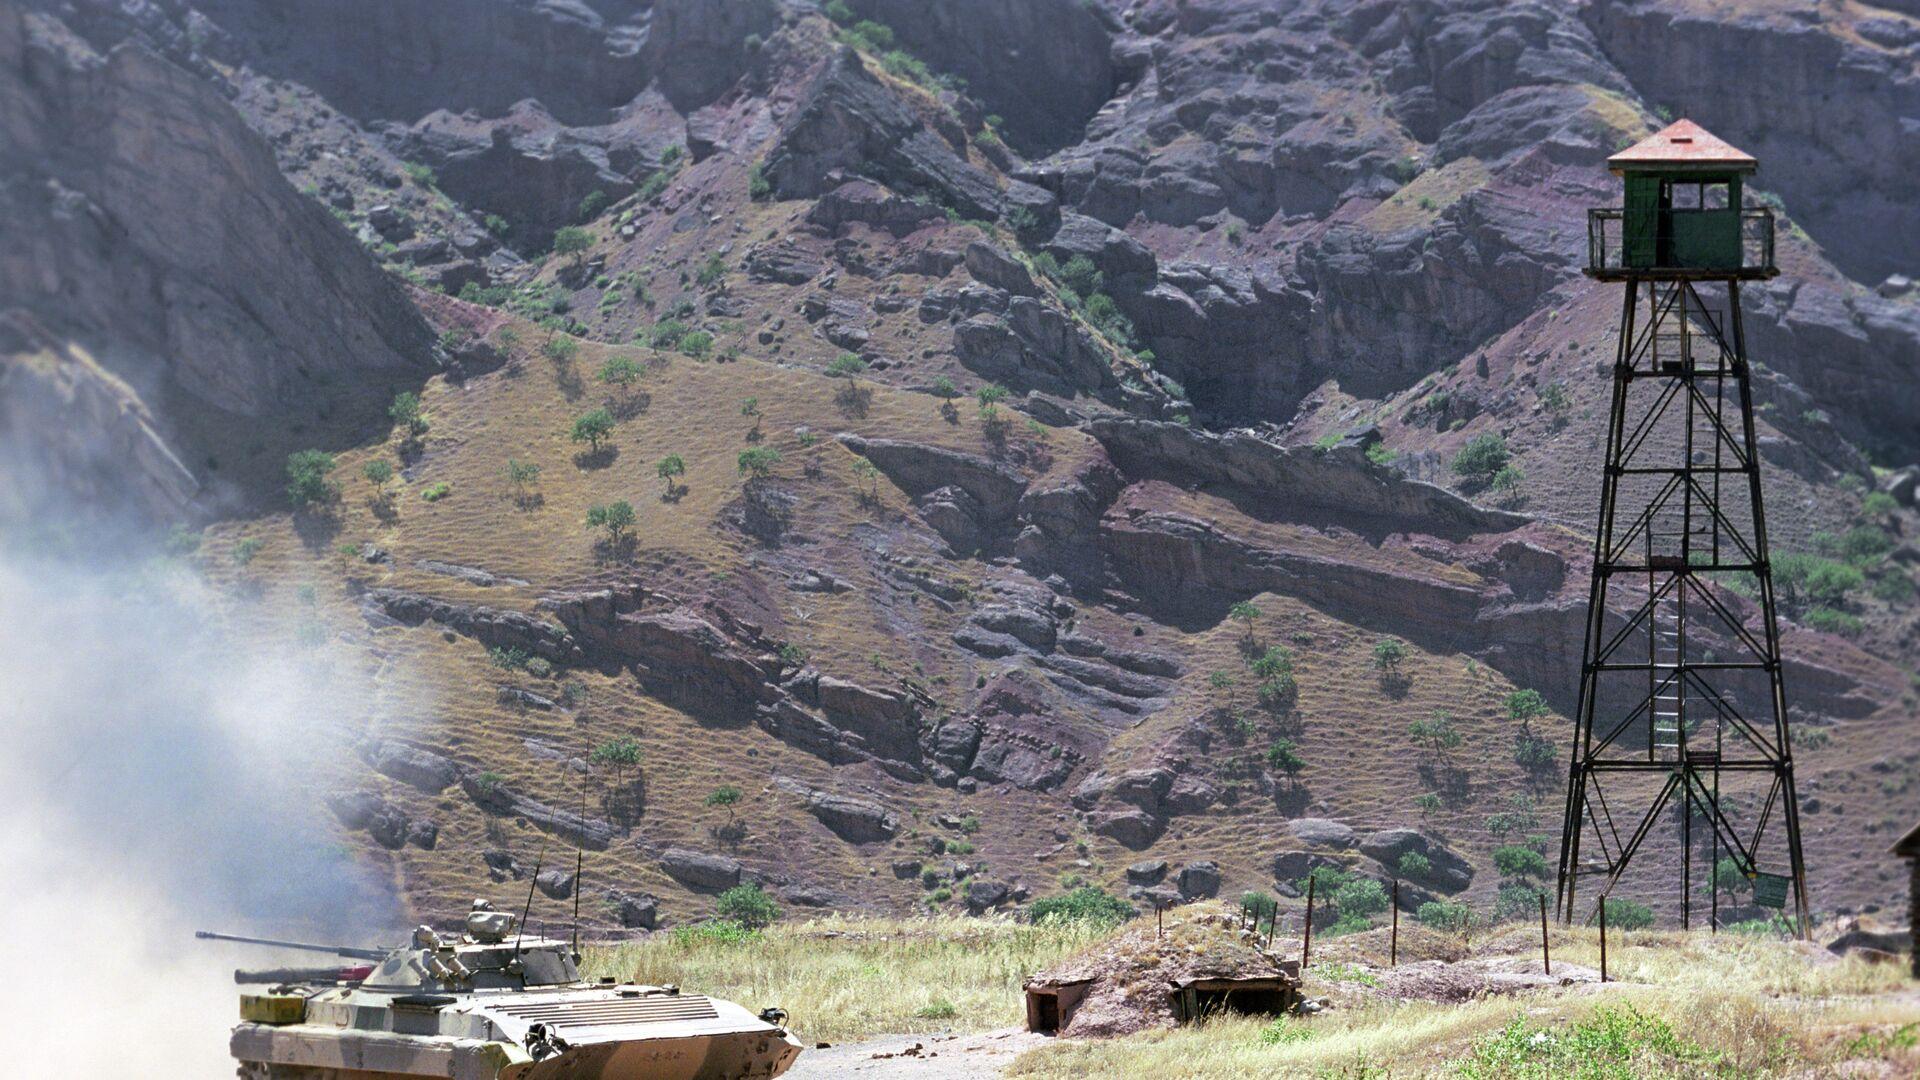 Погранзастава 149 мотострелкового полка в районе реки Пяндж. Архивное фото - Sputnik Таджикистан, 1920, 24.07.2021